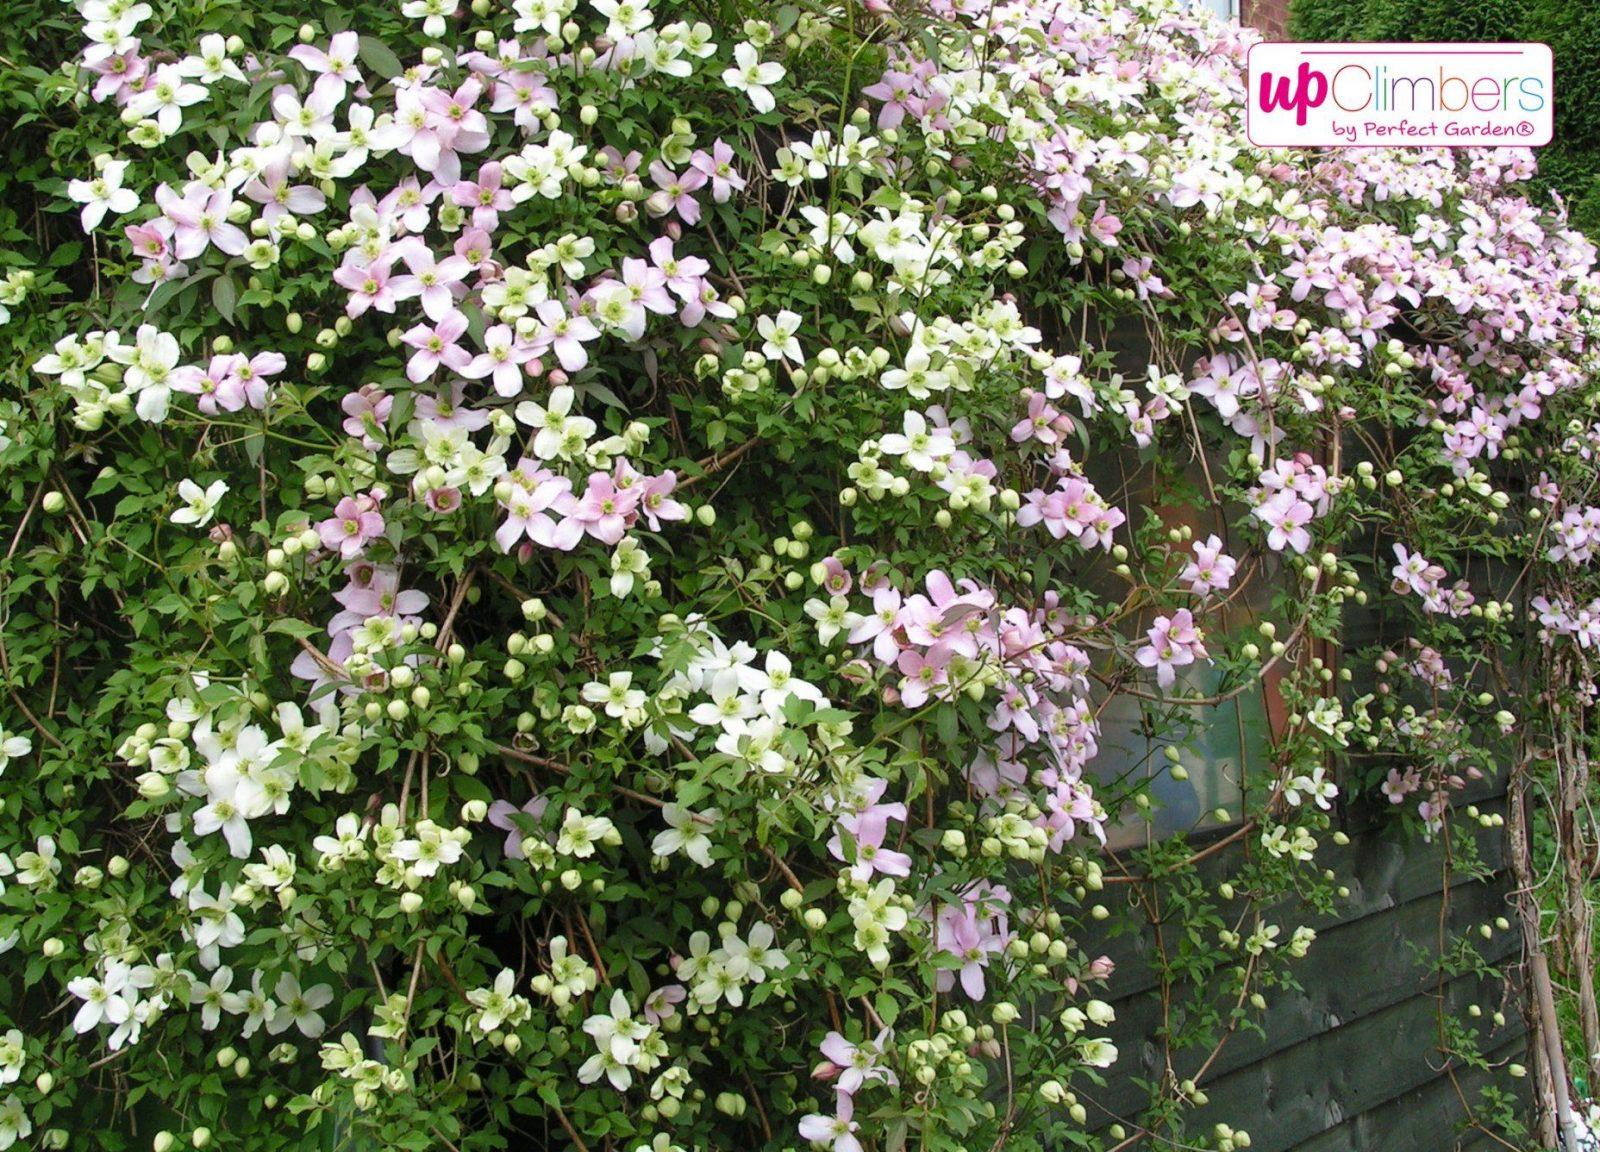 Pflanzen Pralle Sonne  Die Schönsten Einrichtungsideen von Balkonpflanzen Für Pralle Sonne Bild